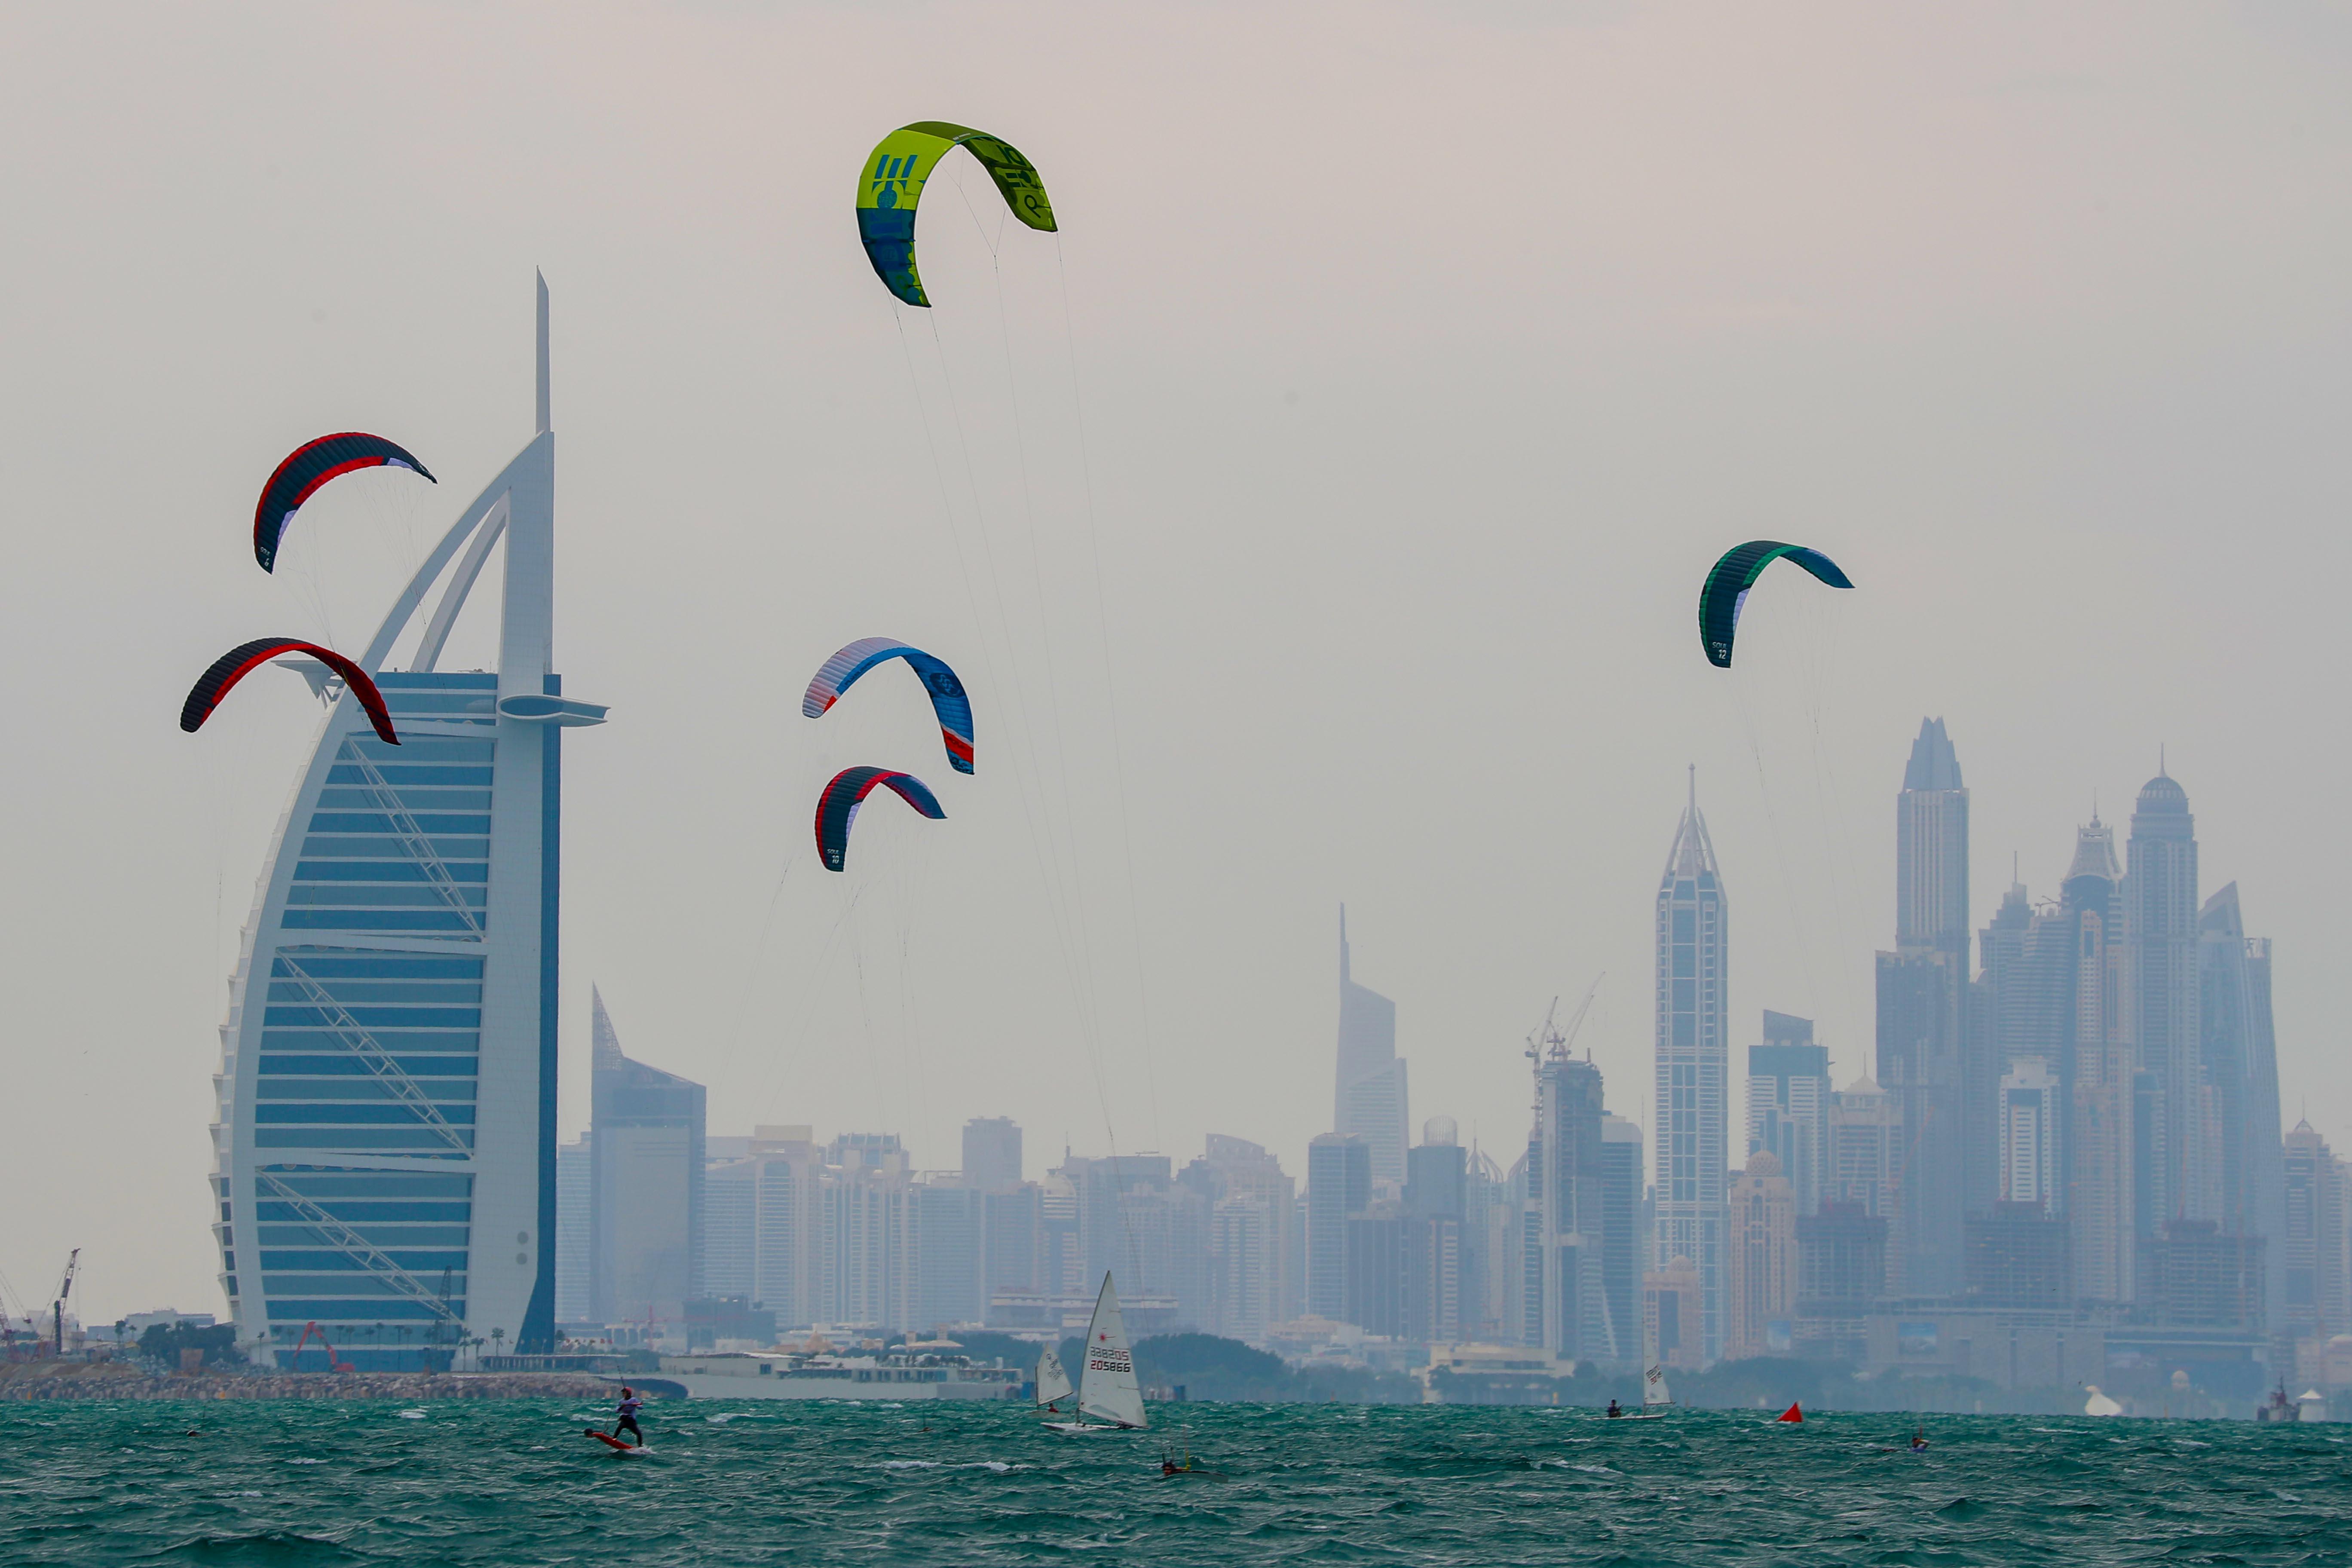 Dubai Kitesurf Open at Nessnass Beach today